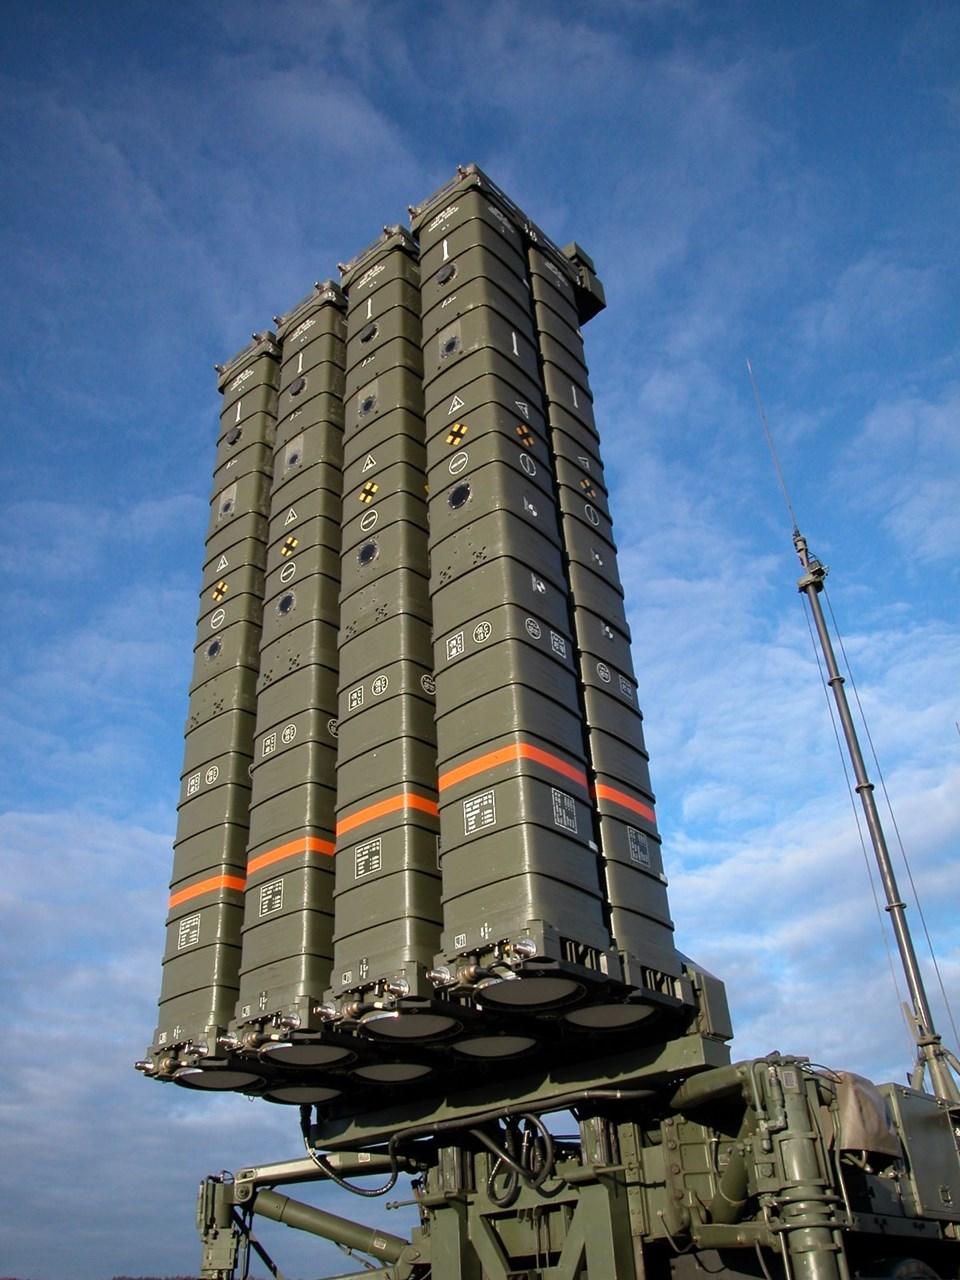 SAMP-T hava savunma ile ilgili görsel sonucu